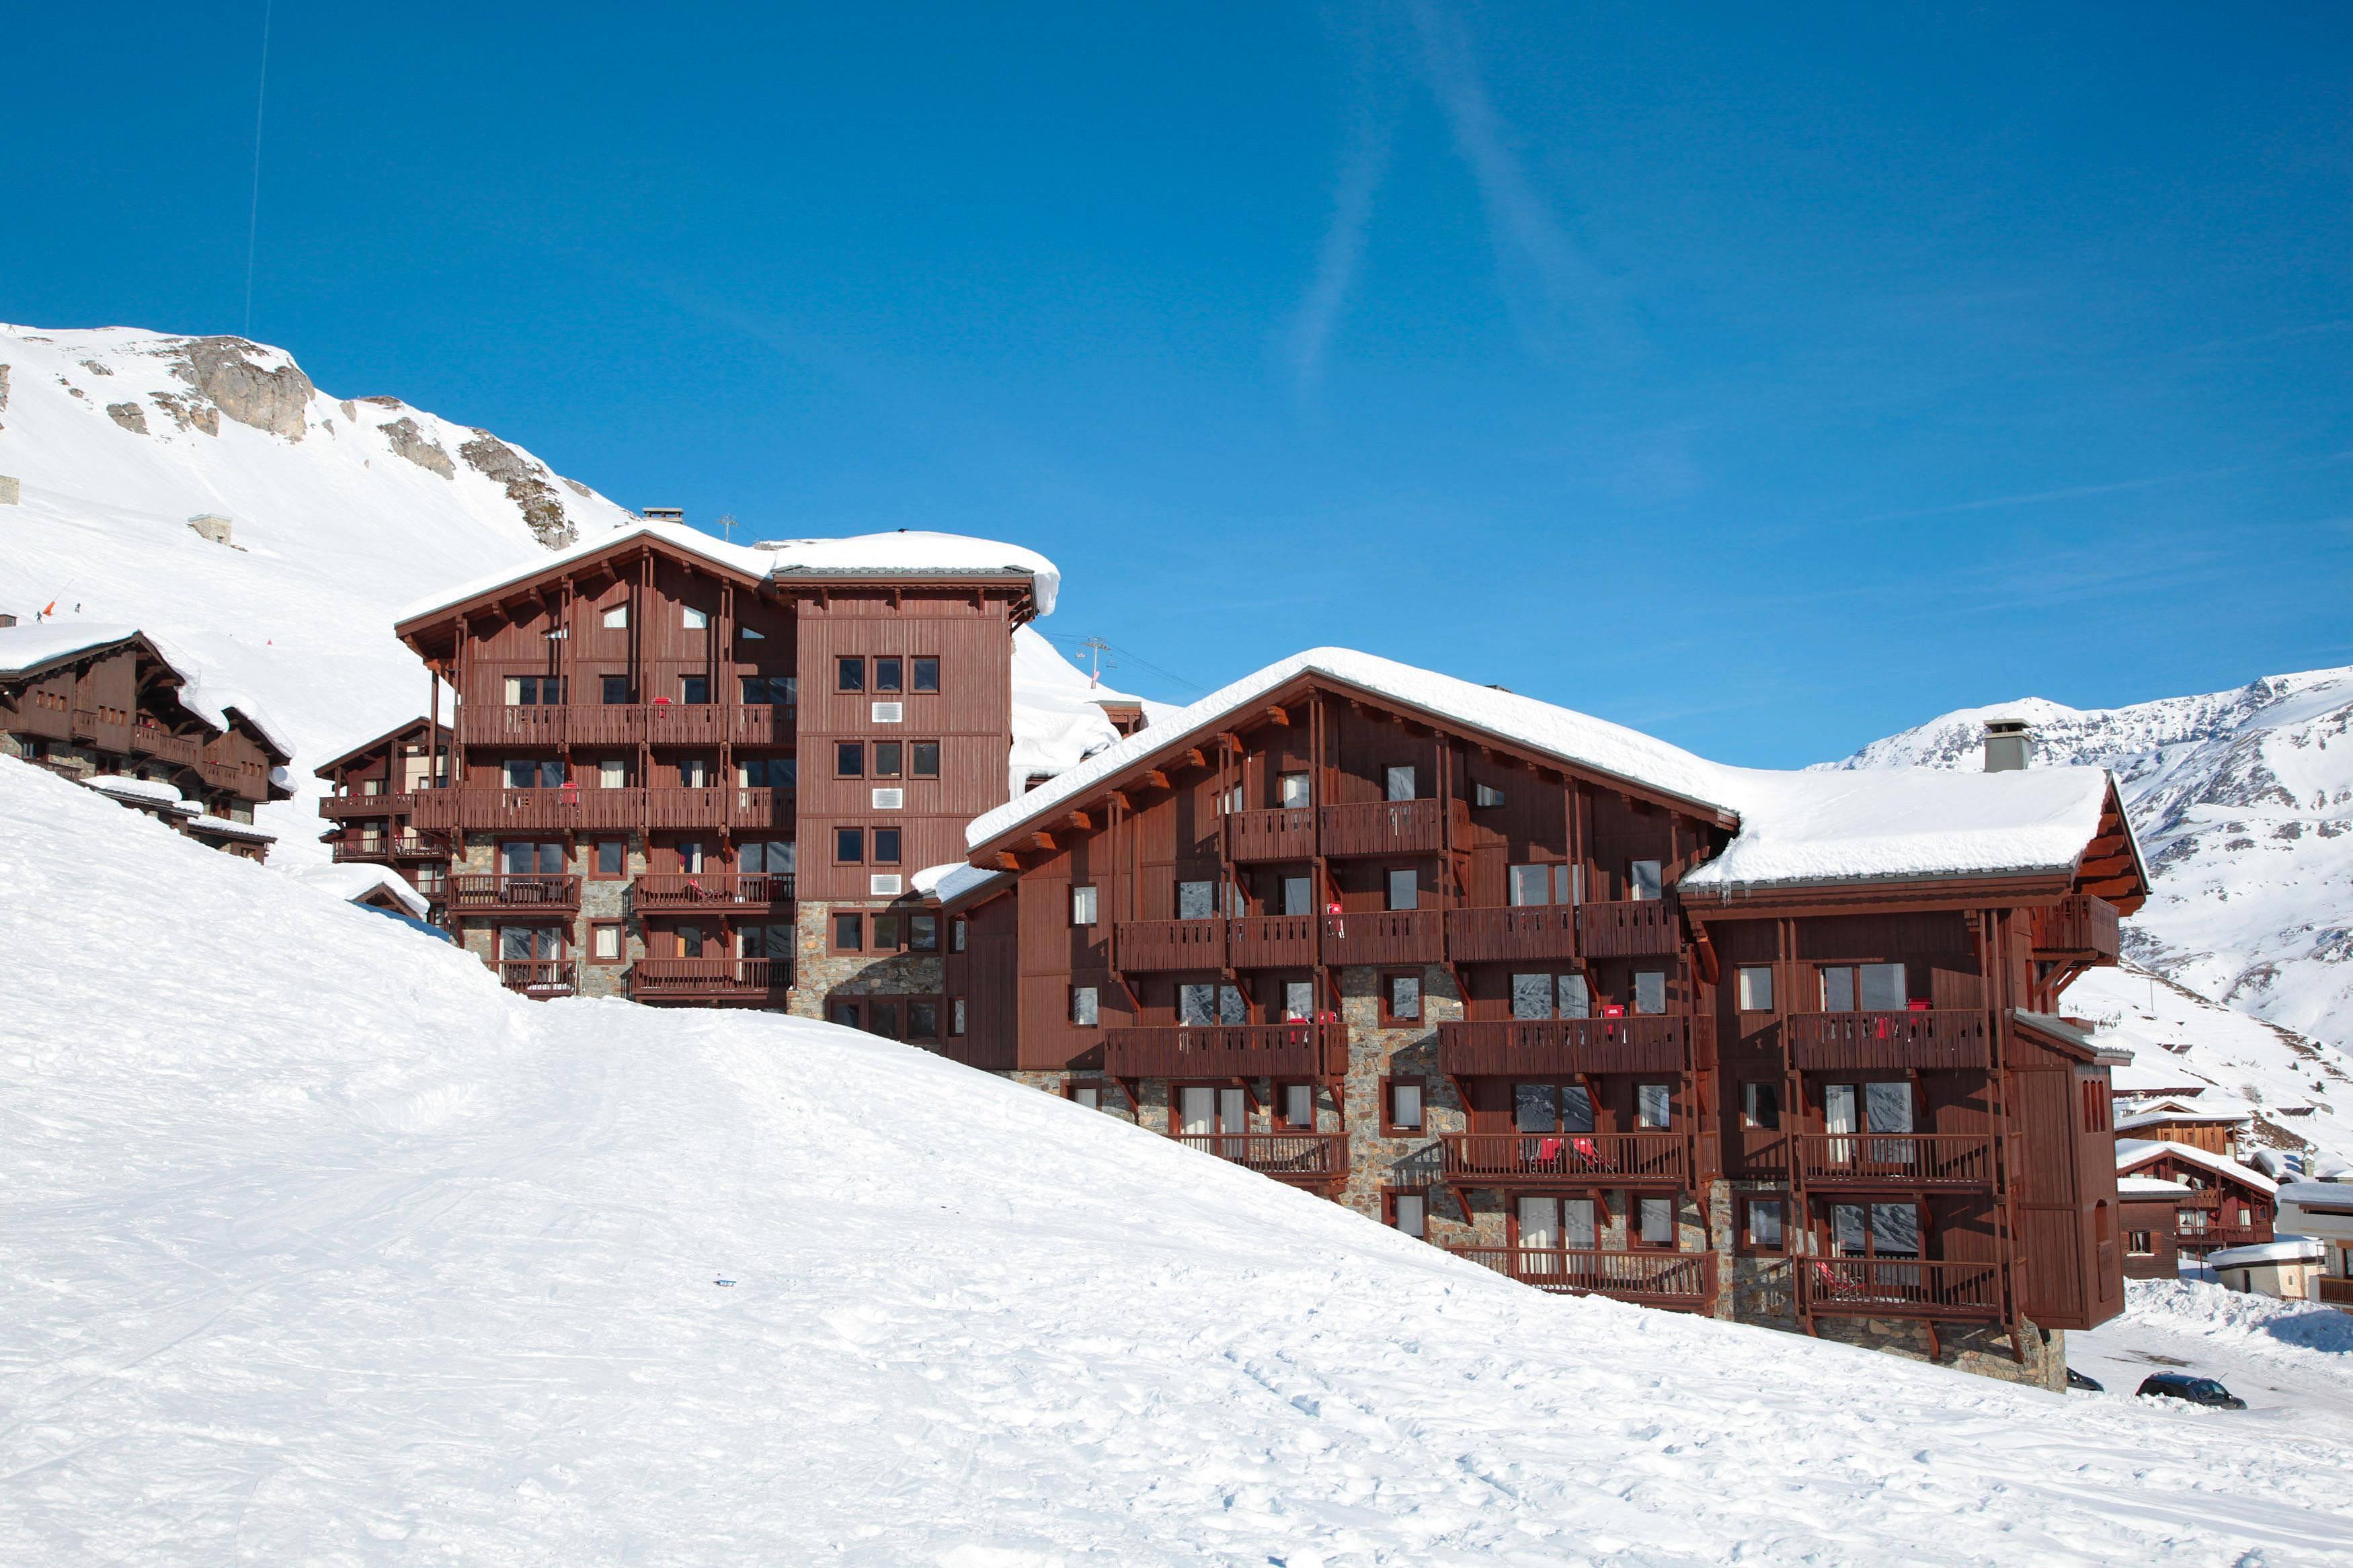 Maison pour 6 personnes en rh ne alpes tignes savoie for Maison prefabriquee rhone alpes